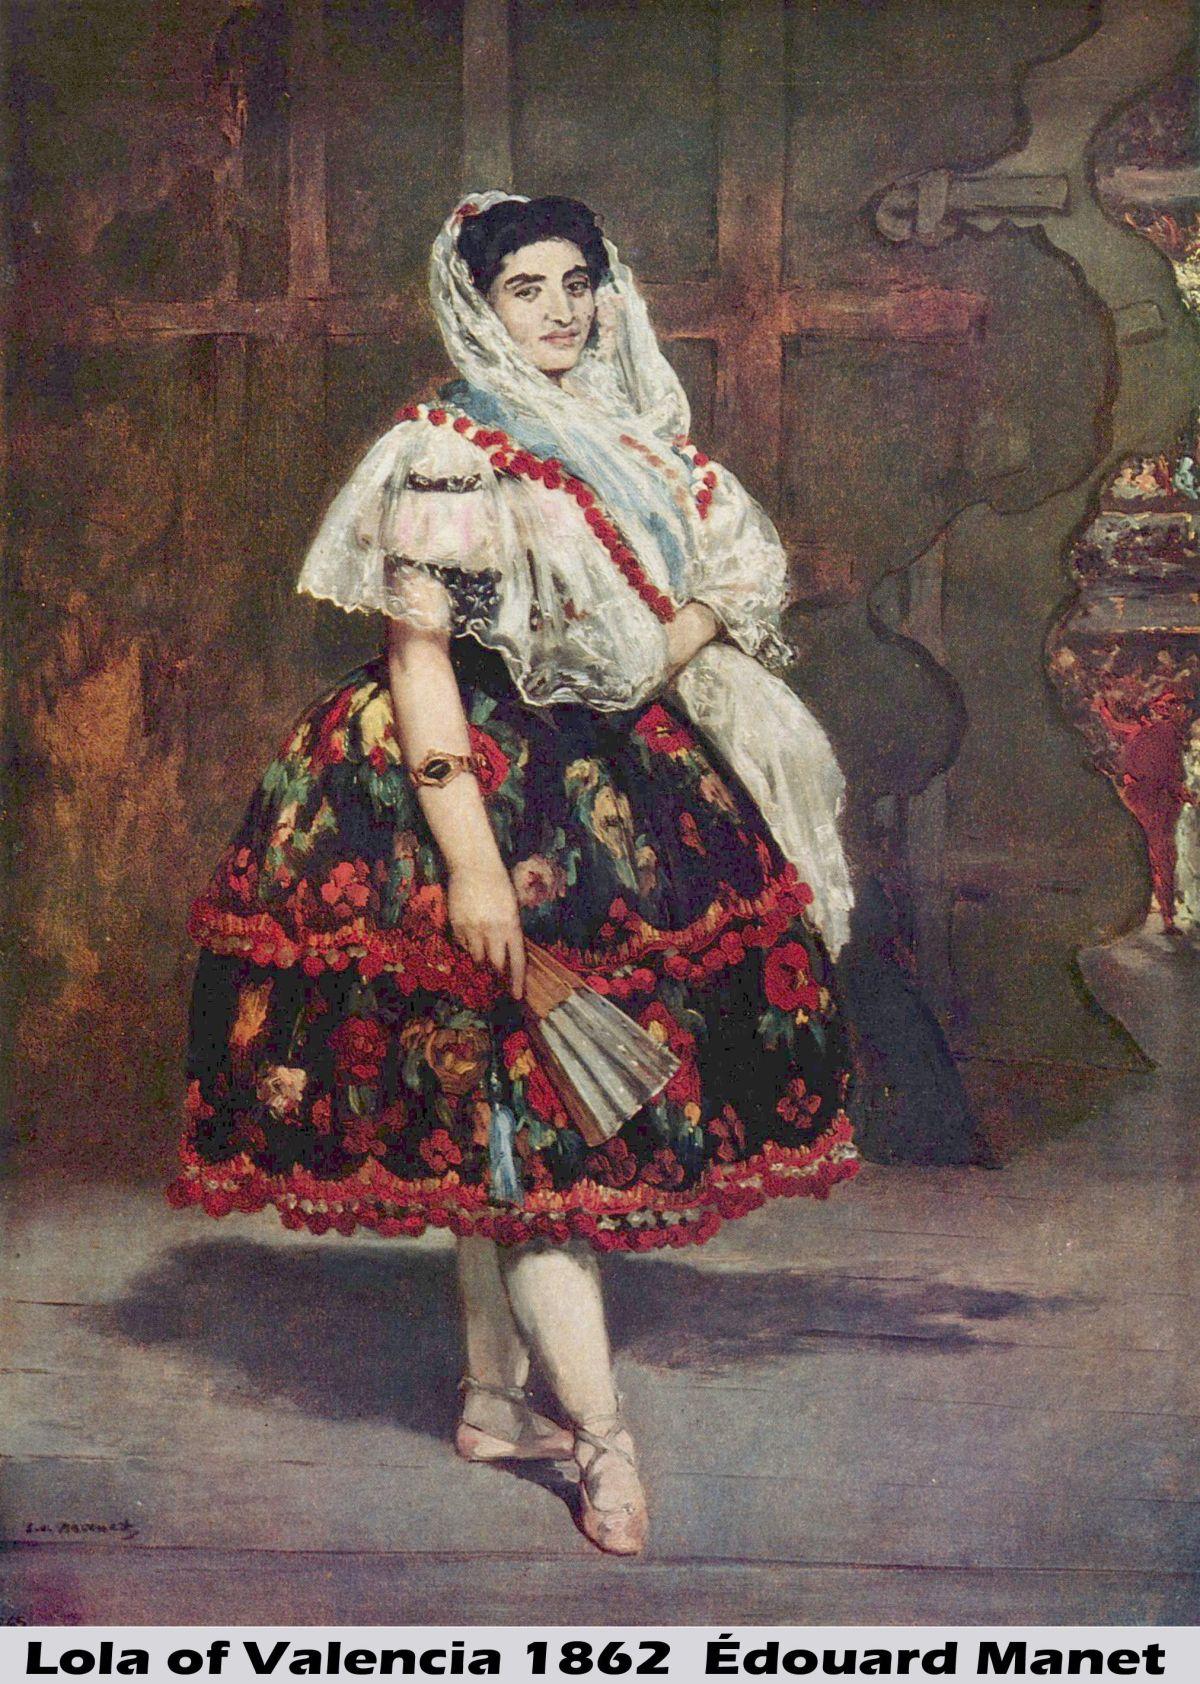 Lola-of-Valencia-1862